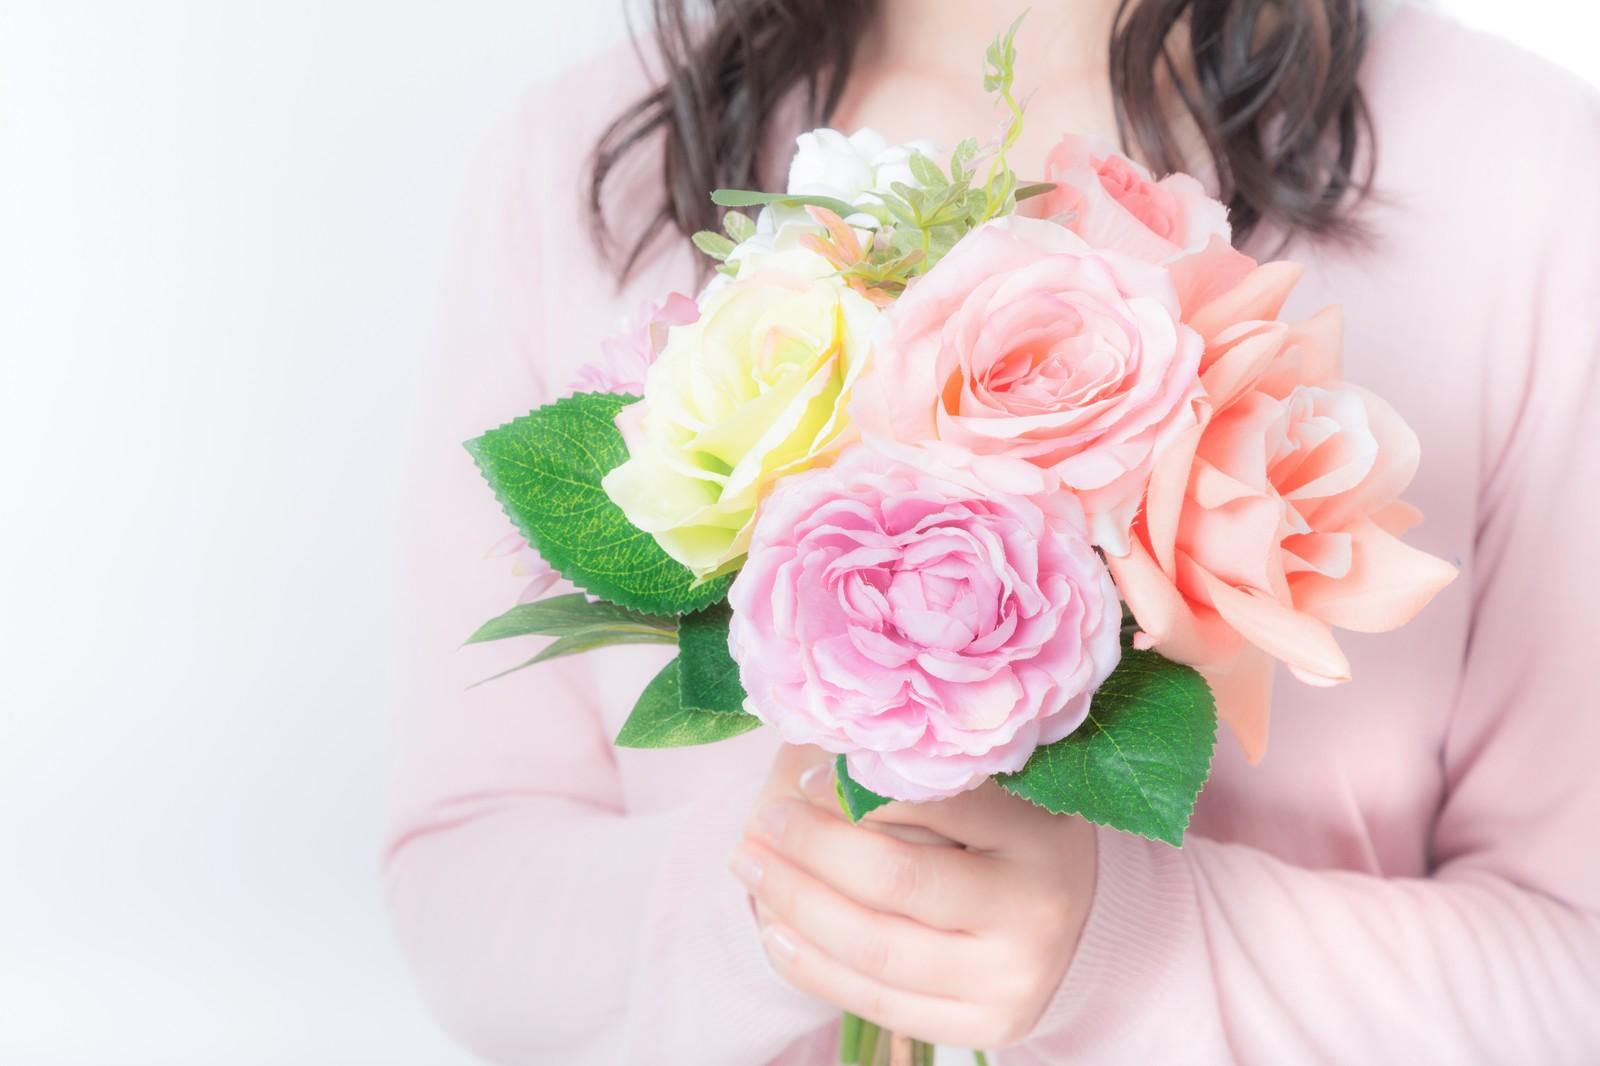 あなたに少しでも幸せになってほしくて些細な花のブーケをプレゼントした